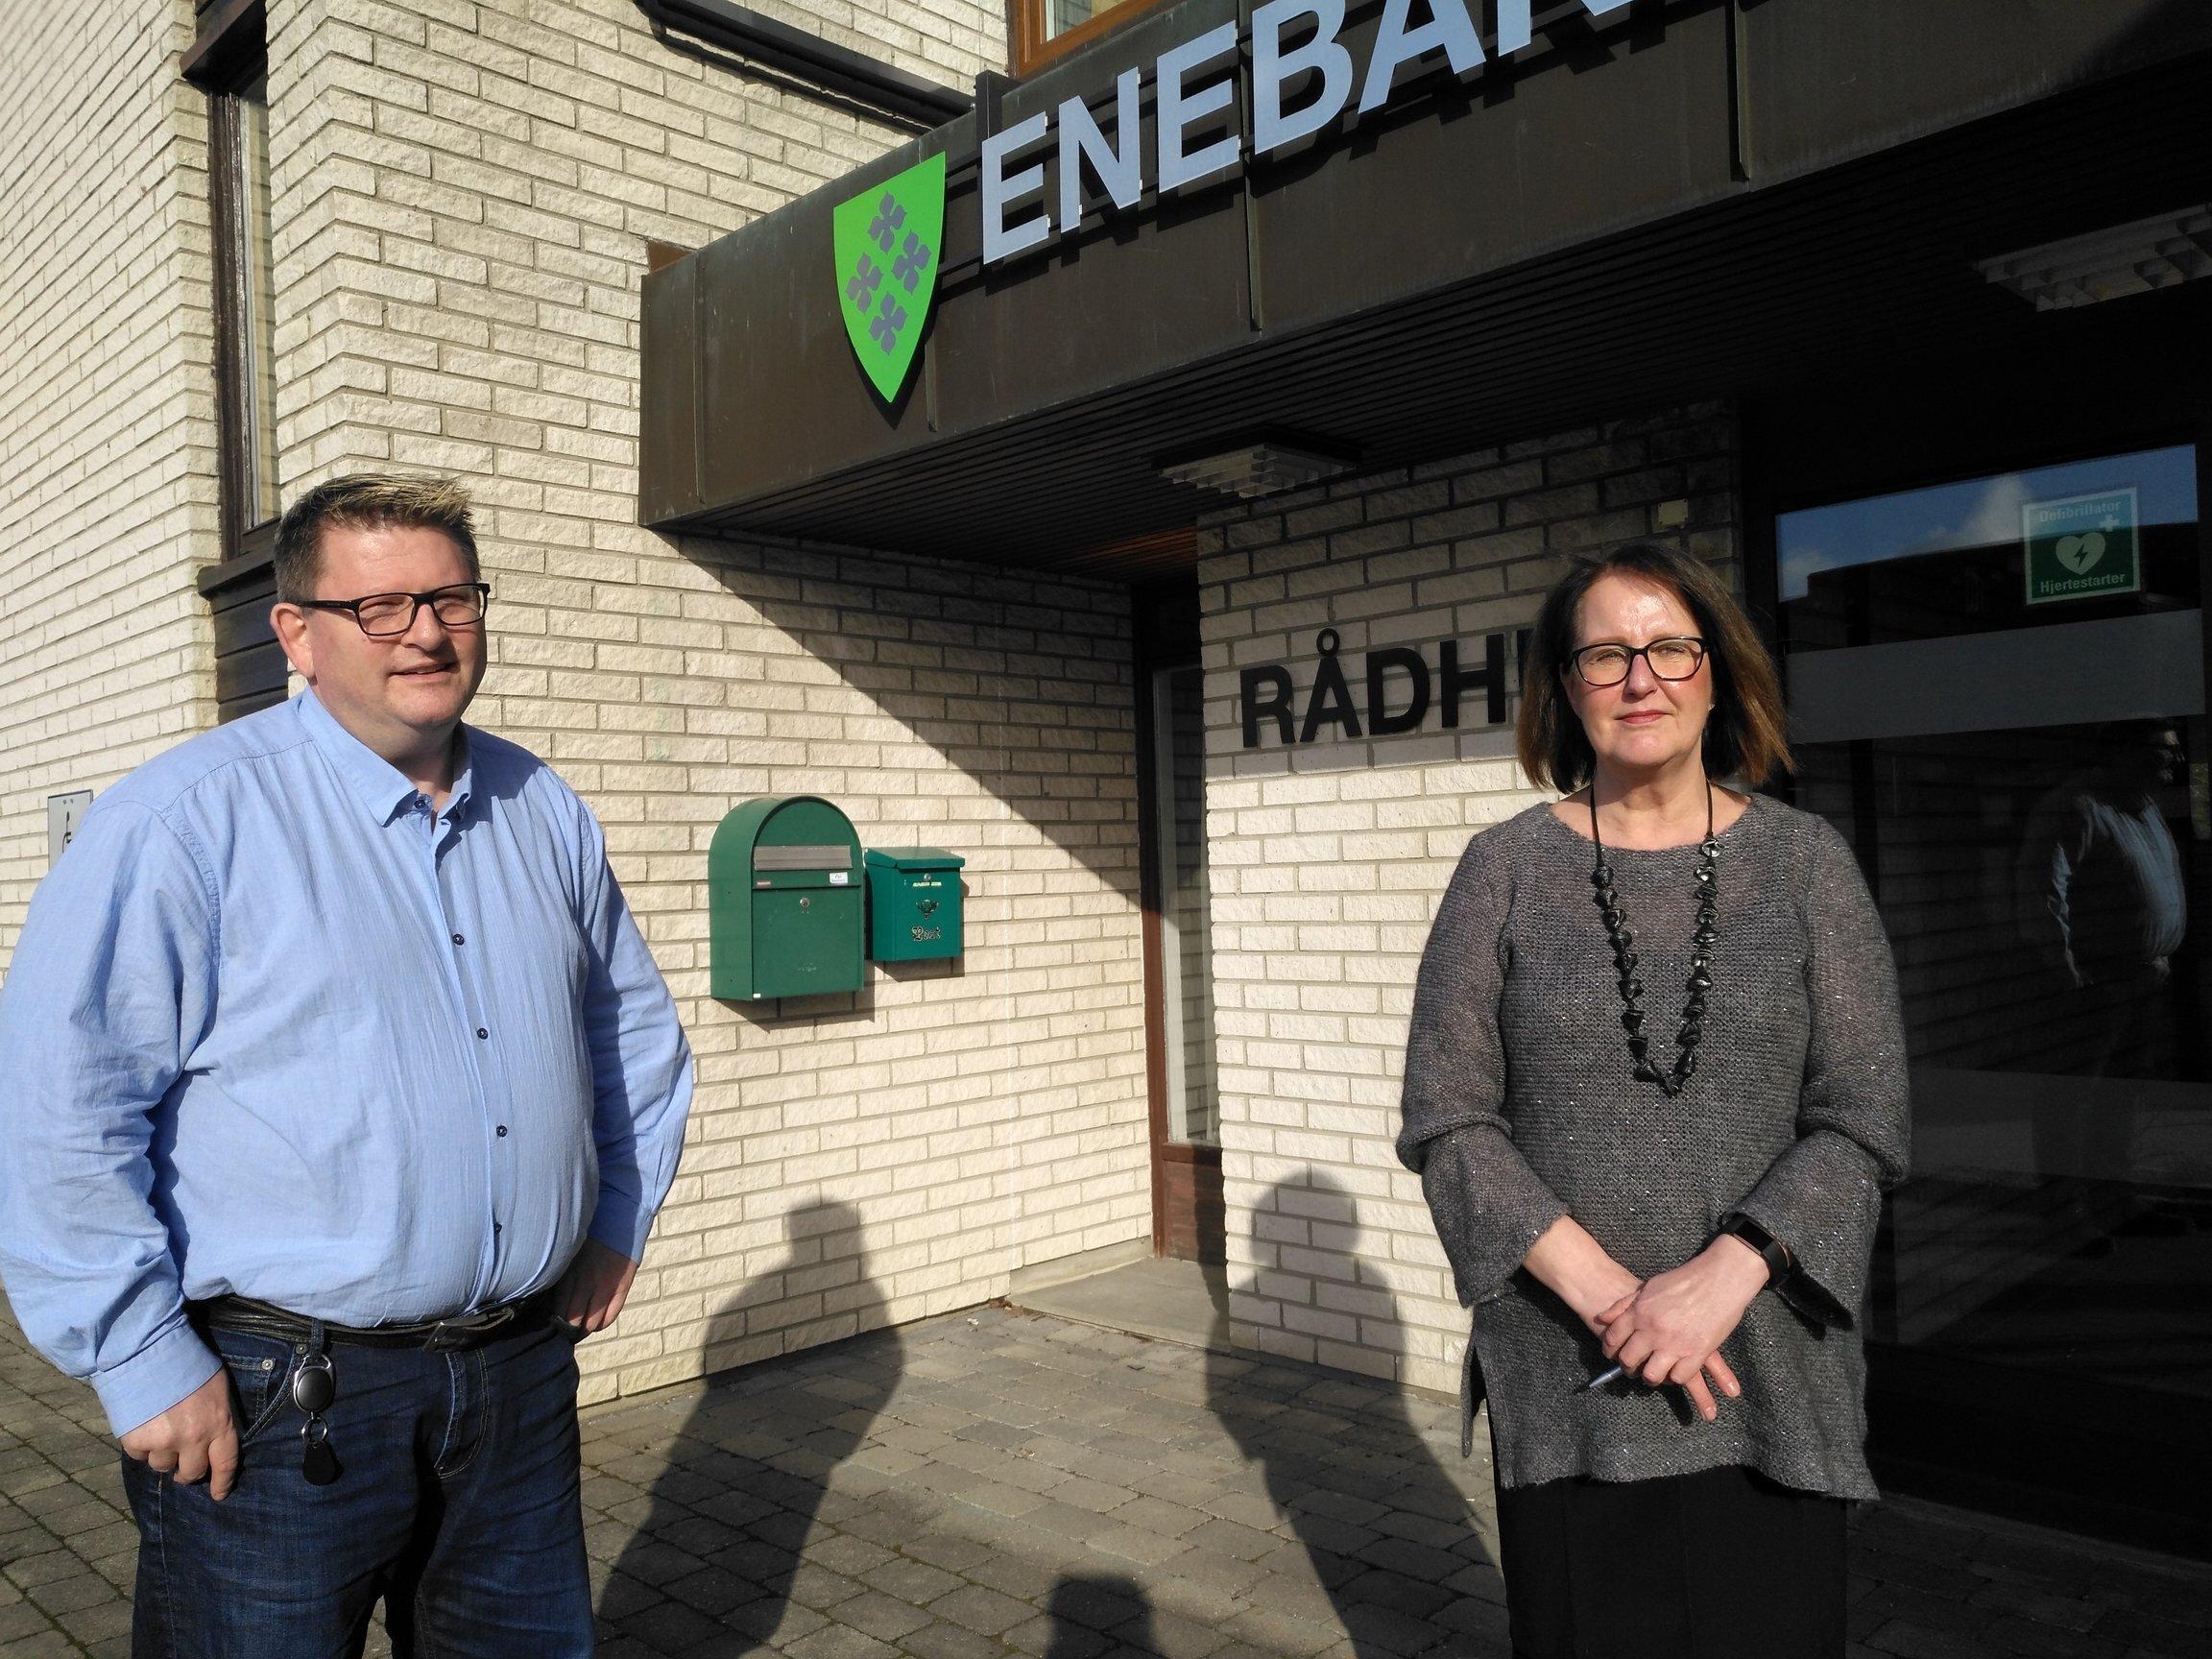 Ordfører Solberg og kommunalsjef Brenna - webvennlig.jpg